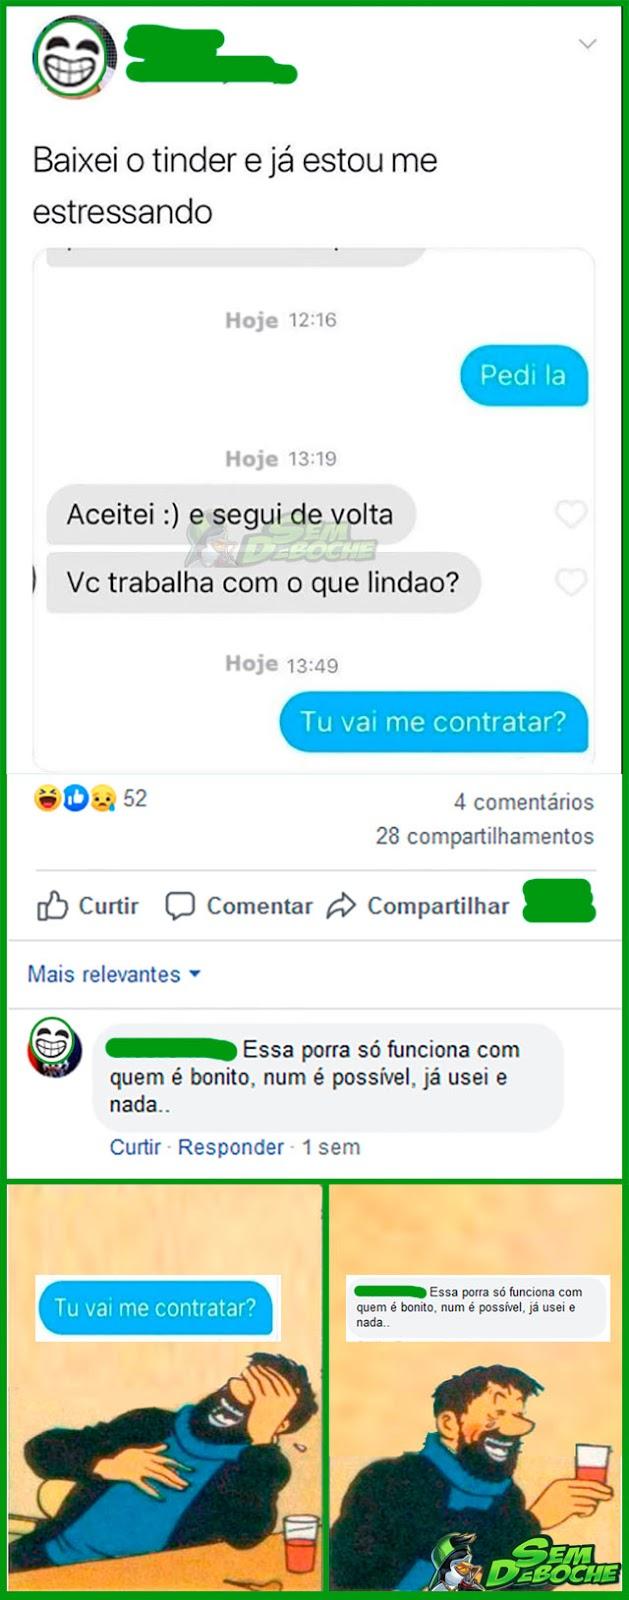 FALA LOGO, SENÃO A GENTE JÁ ENCERRA POR AQUI